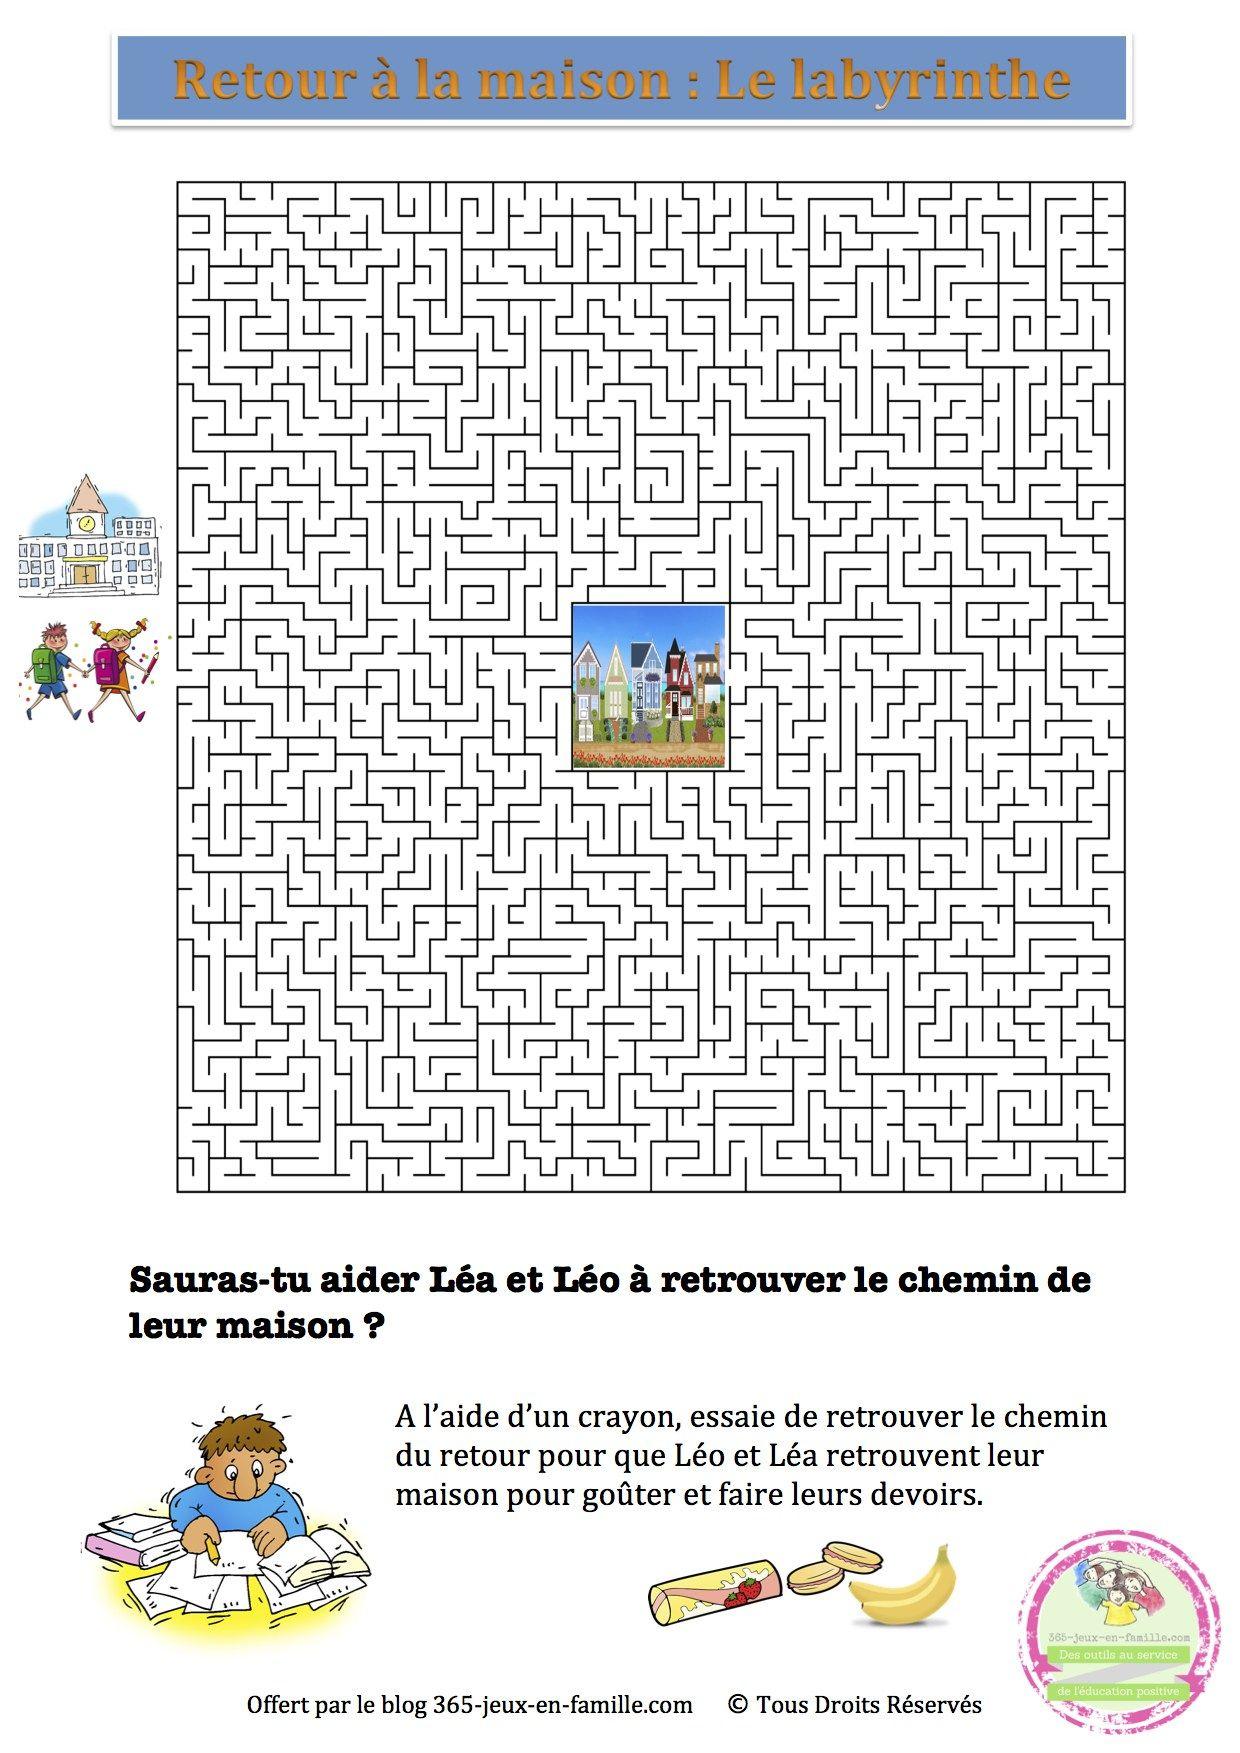 5 Jeux Gratuits À Imprimer Autour De L'école ~ Jeux À serapportantà Mots Croisés Gratuits À Imprimer Cycle 3